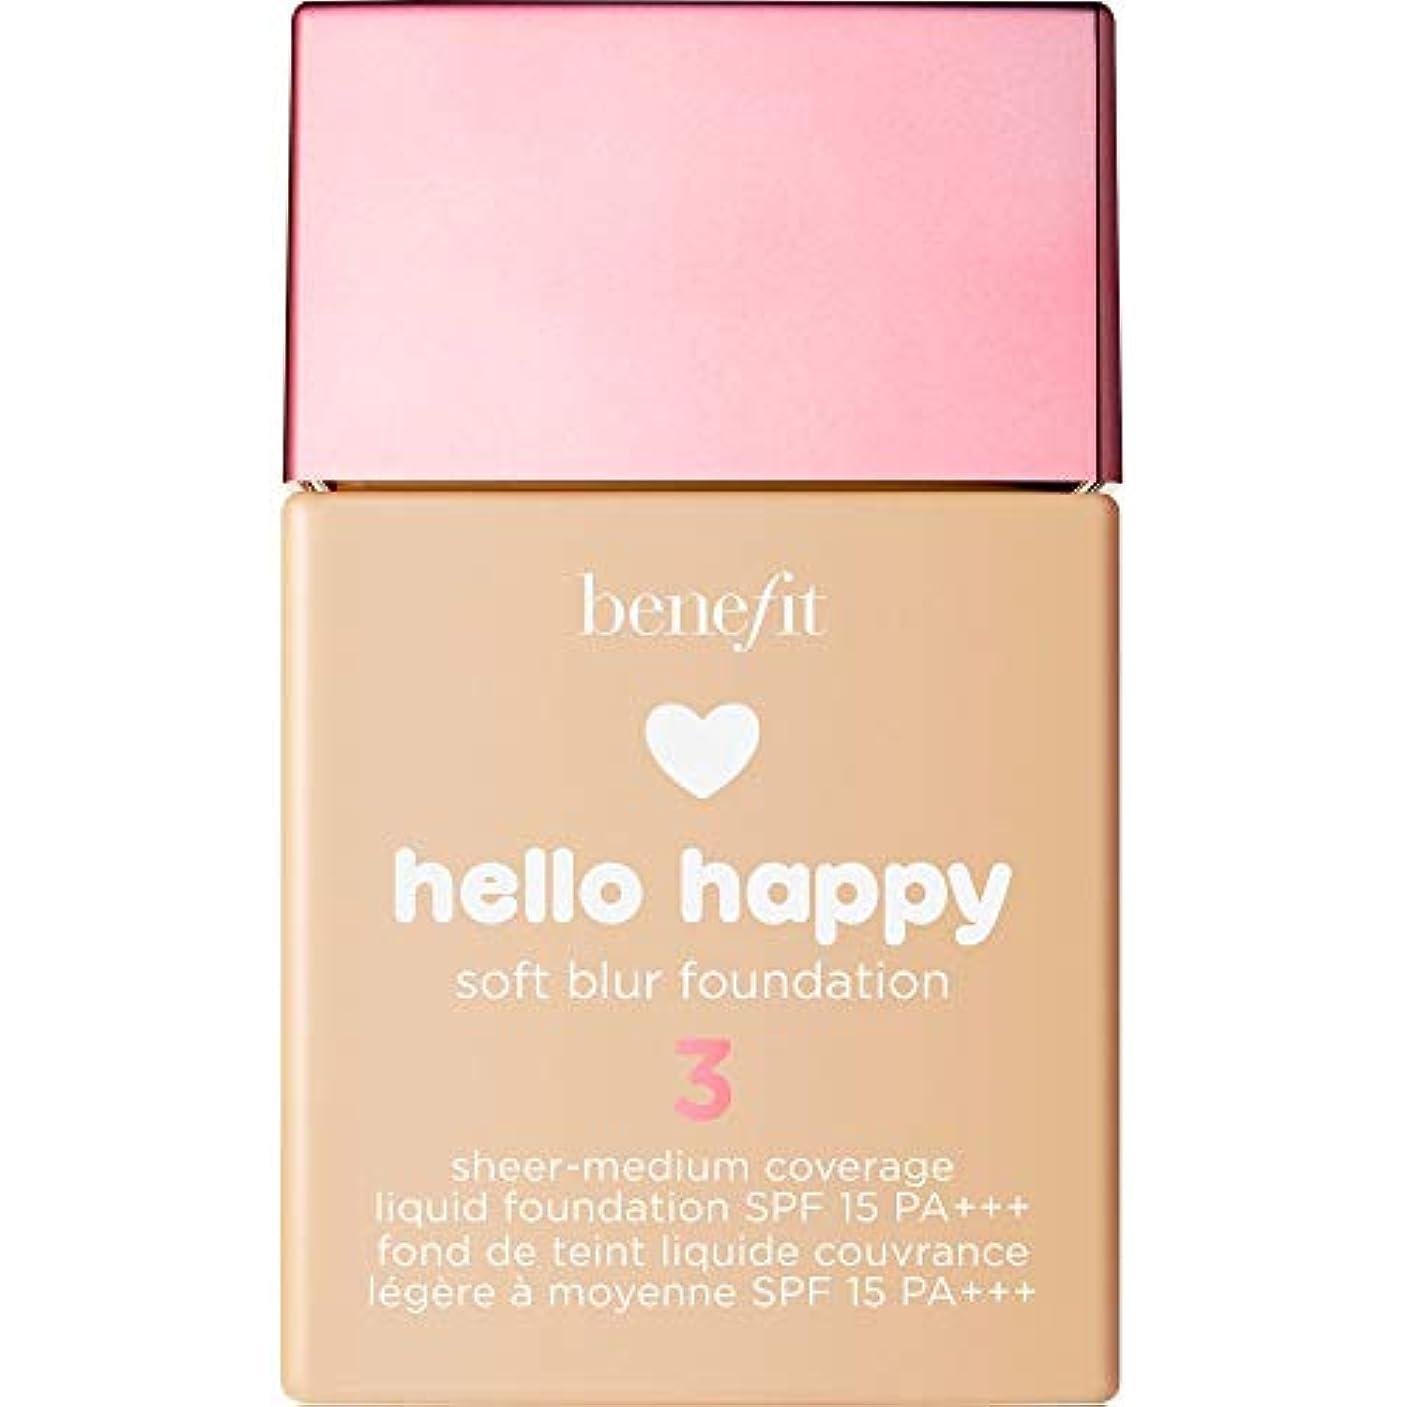 バレエ潮戸惑う[Benefit ] 利益こんにちは幸せなソフトブラー基礎Spf15 30ミリリットル3 - ニュートラルライト - Benefit Hello Happy Soft Blur Foundation SPF15 30ml...